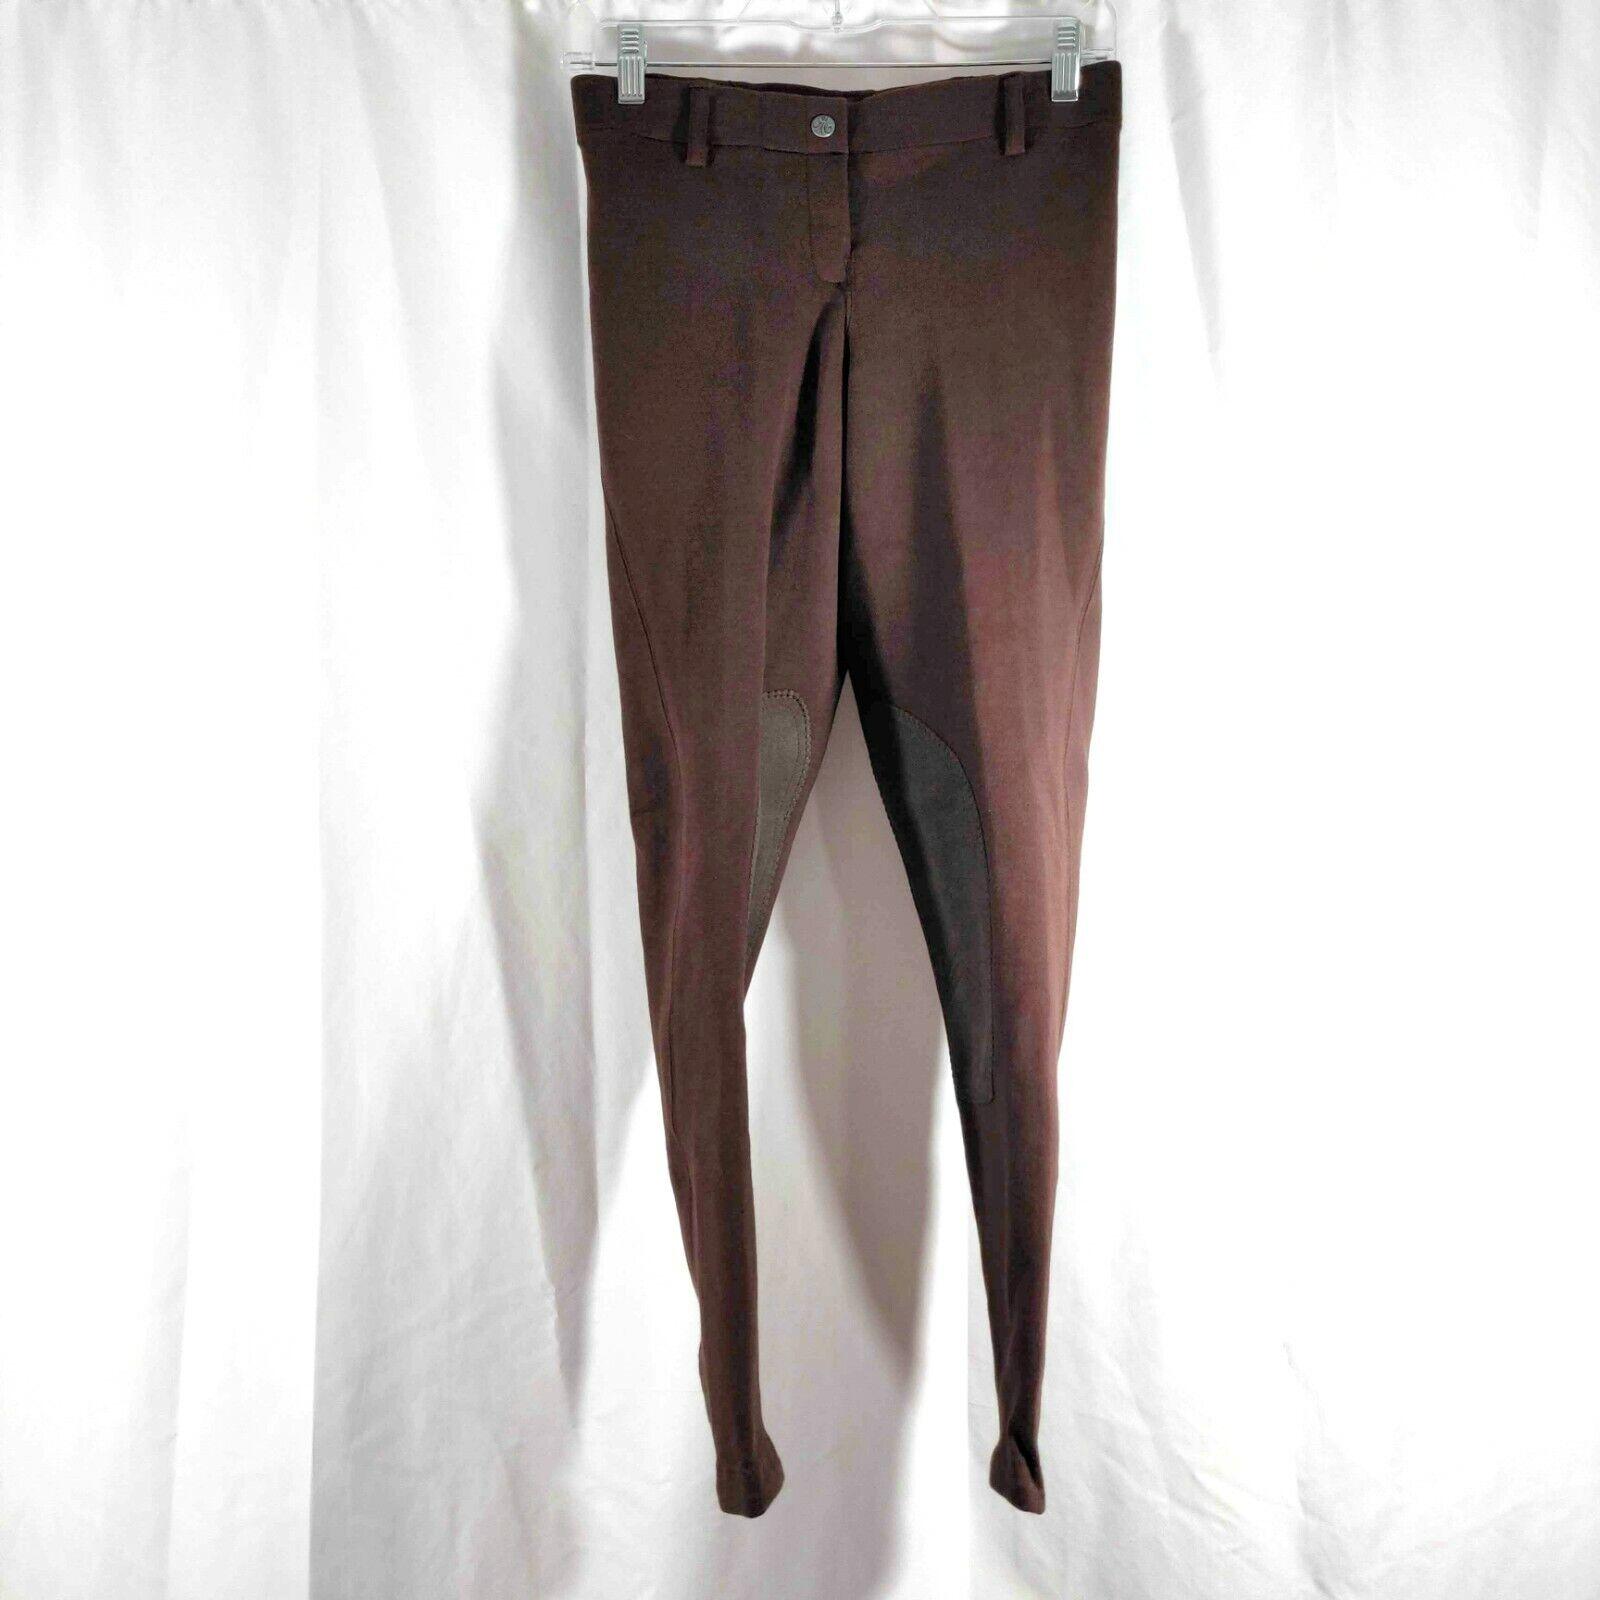 Nuevo con etiquetas Elation Equitación Pantalones De Montar  Equitación rojo Label Tire de Bree Marrón Elastizado 28R  hasta un 65% de descuento